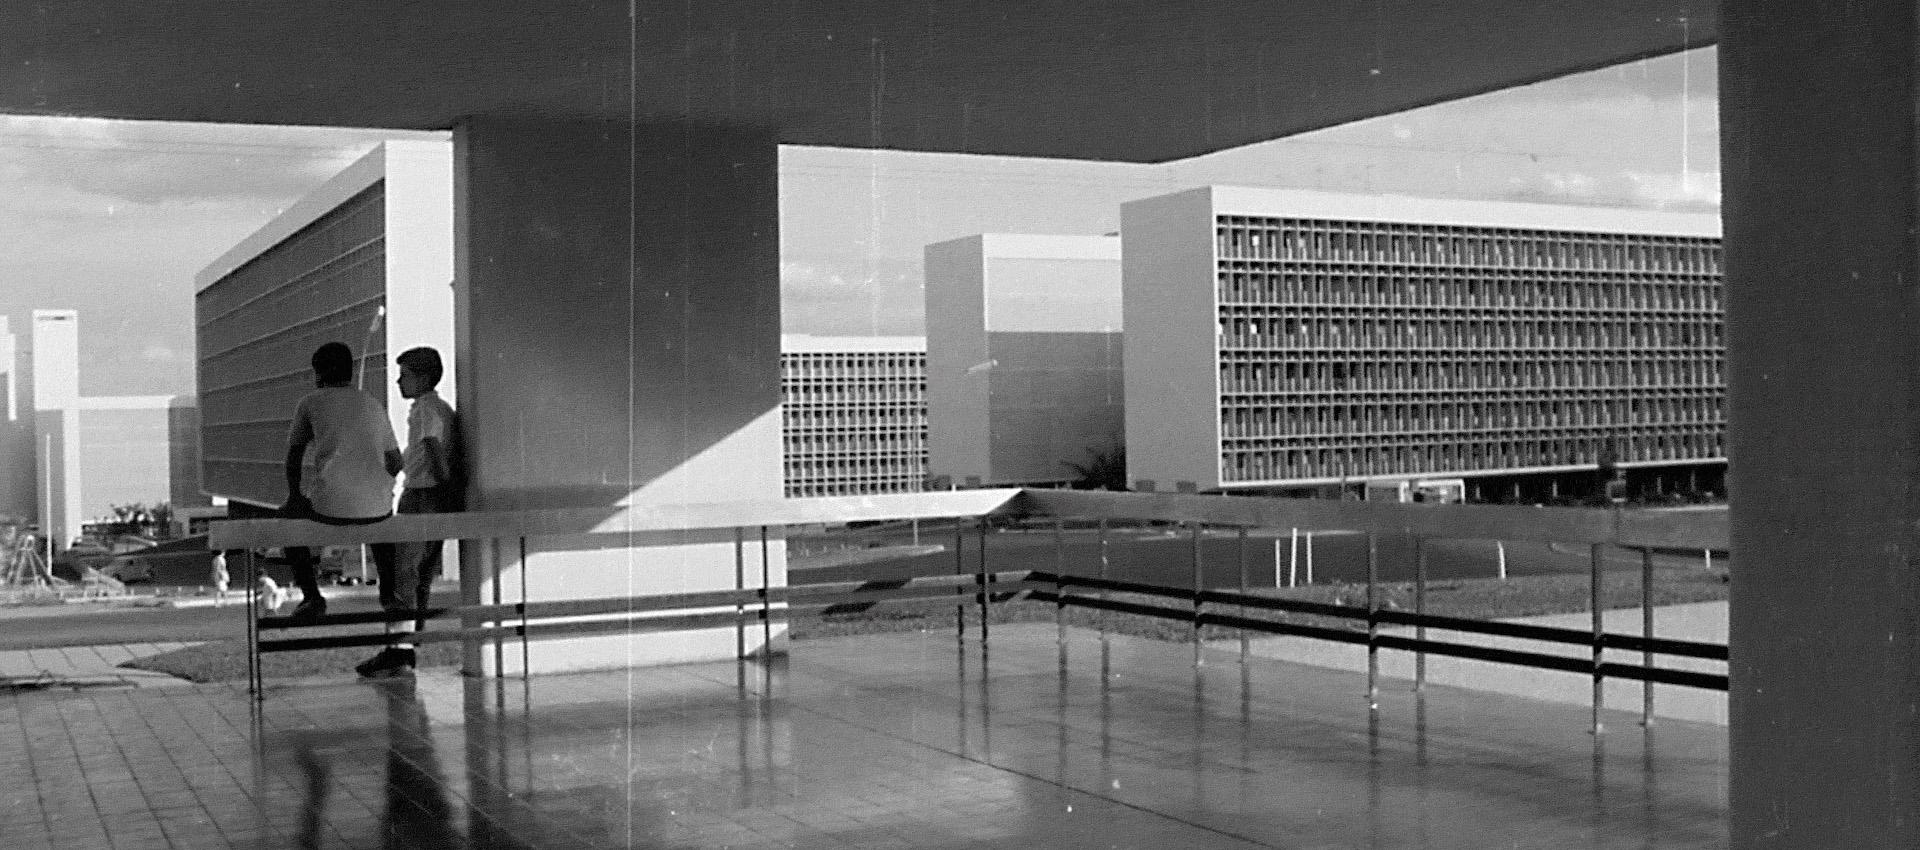 Infinito Vão - 90 Years of Brazilian Architecture. Courtesy Casa da Arquitectura